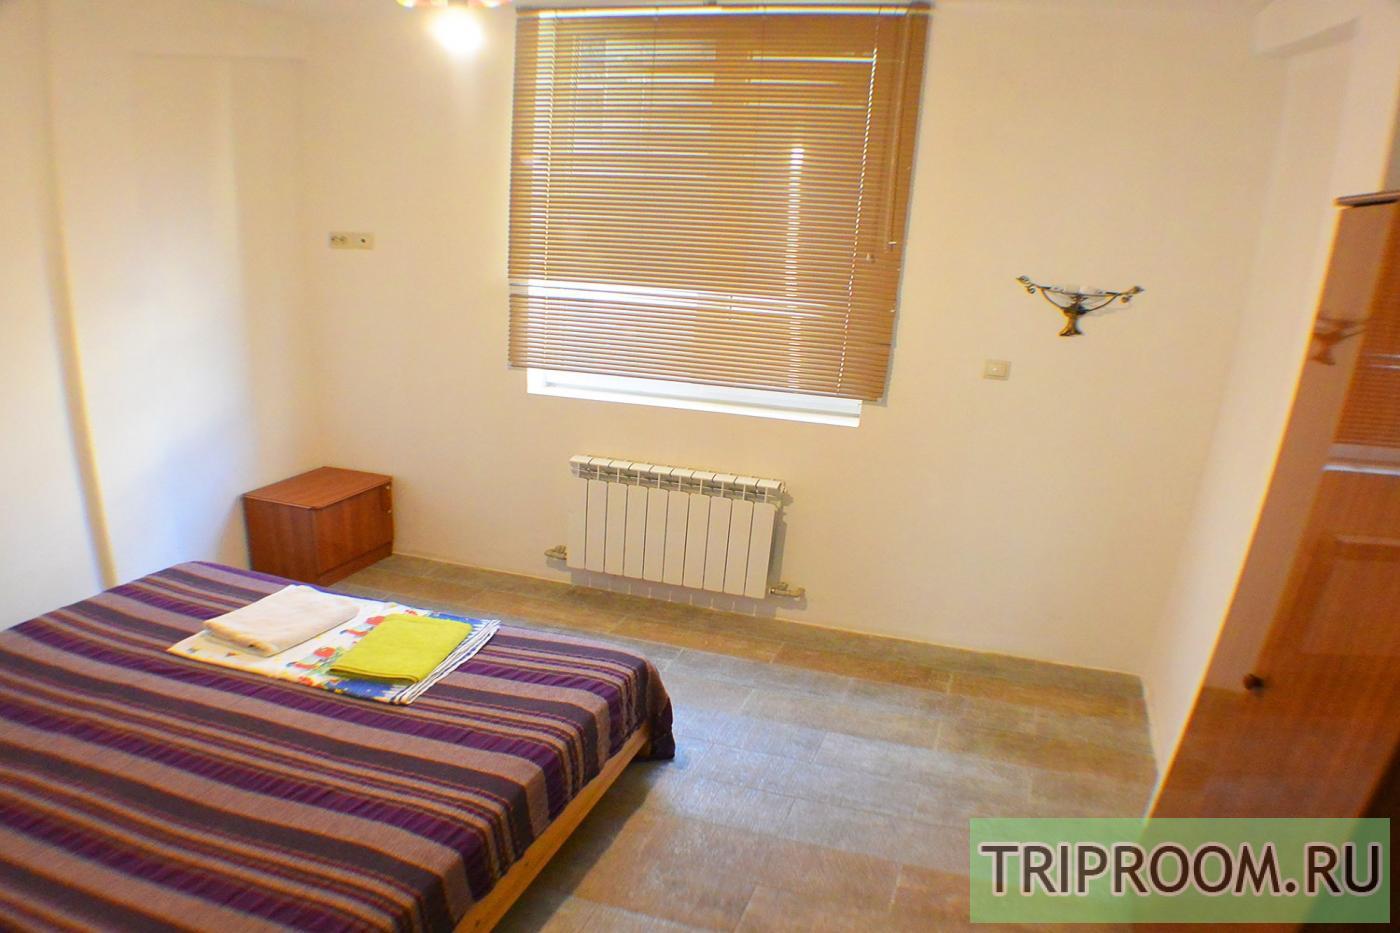 2-комнатная квартира посуточно (вариант № 26983), ул. 8-е марта улица, фото № 15